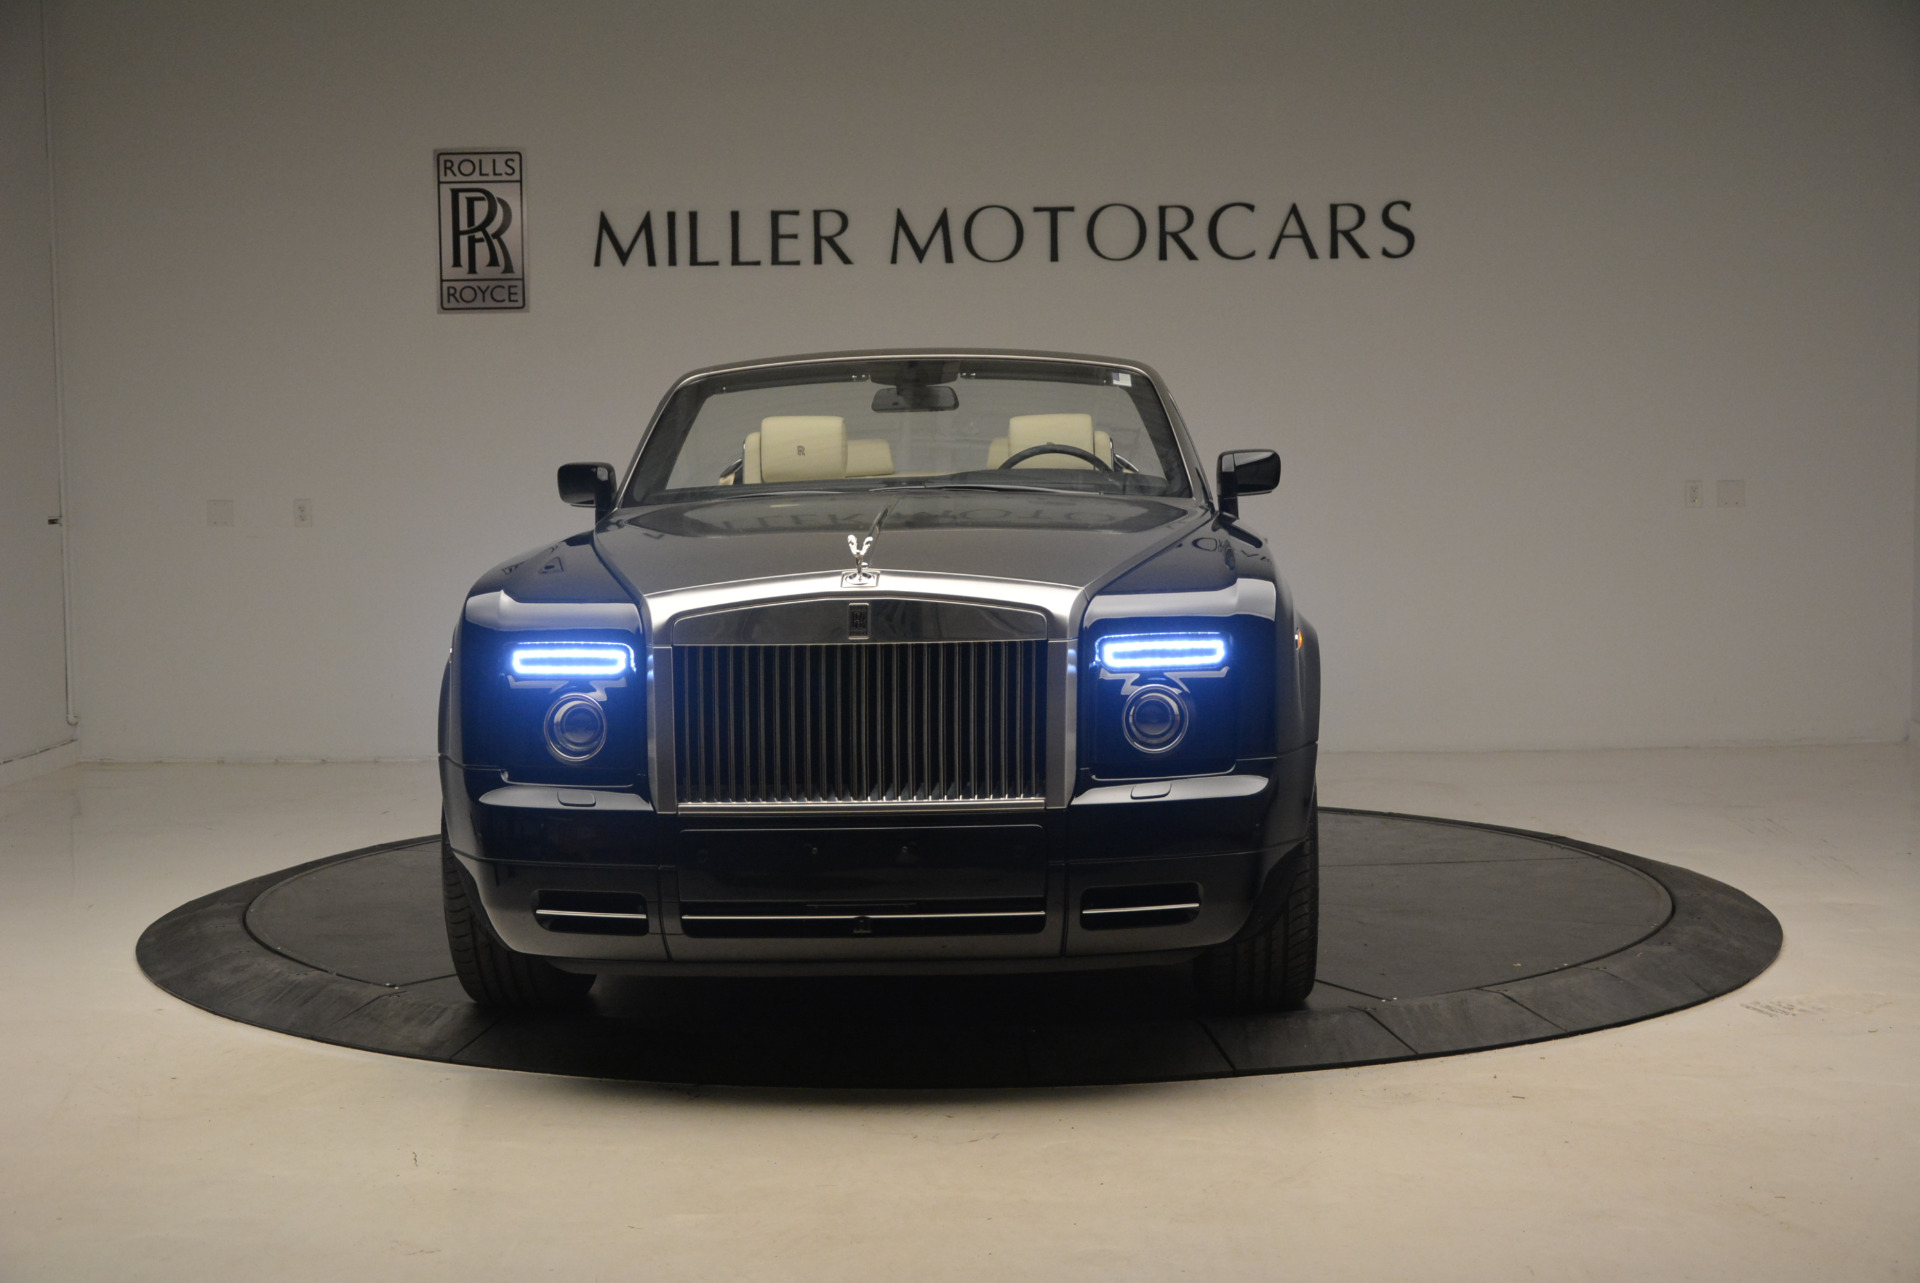 Used 2009 Rolls-Royce Phantom Drophead Coupe  For Sale In Westport, CT 1792_p13